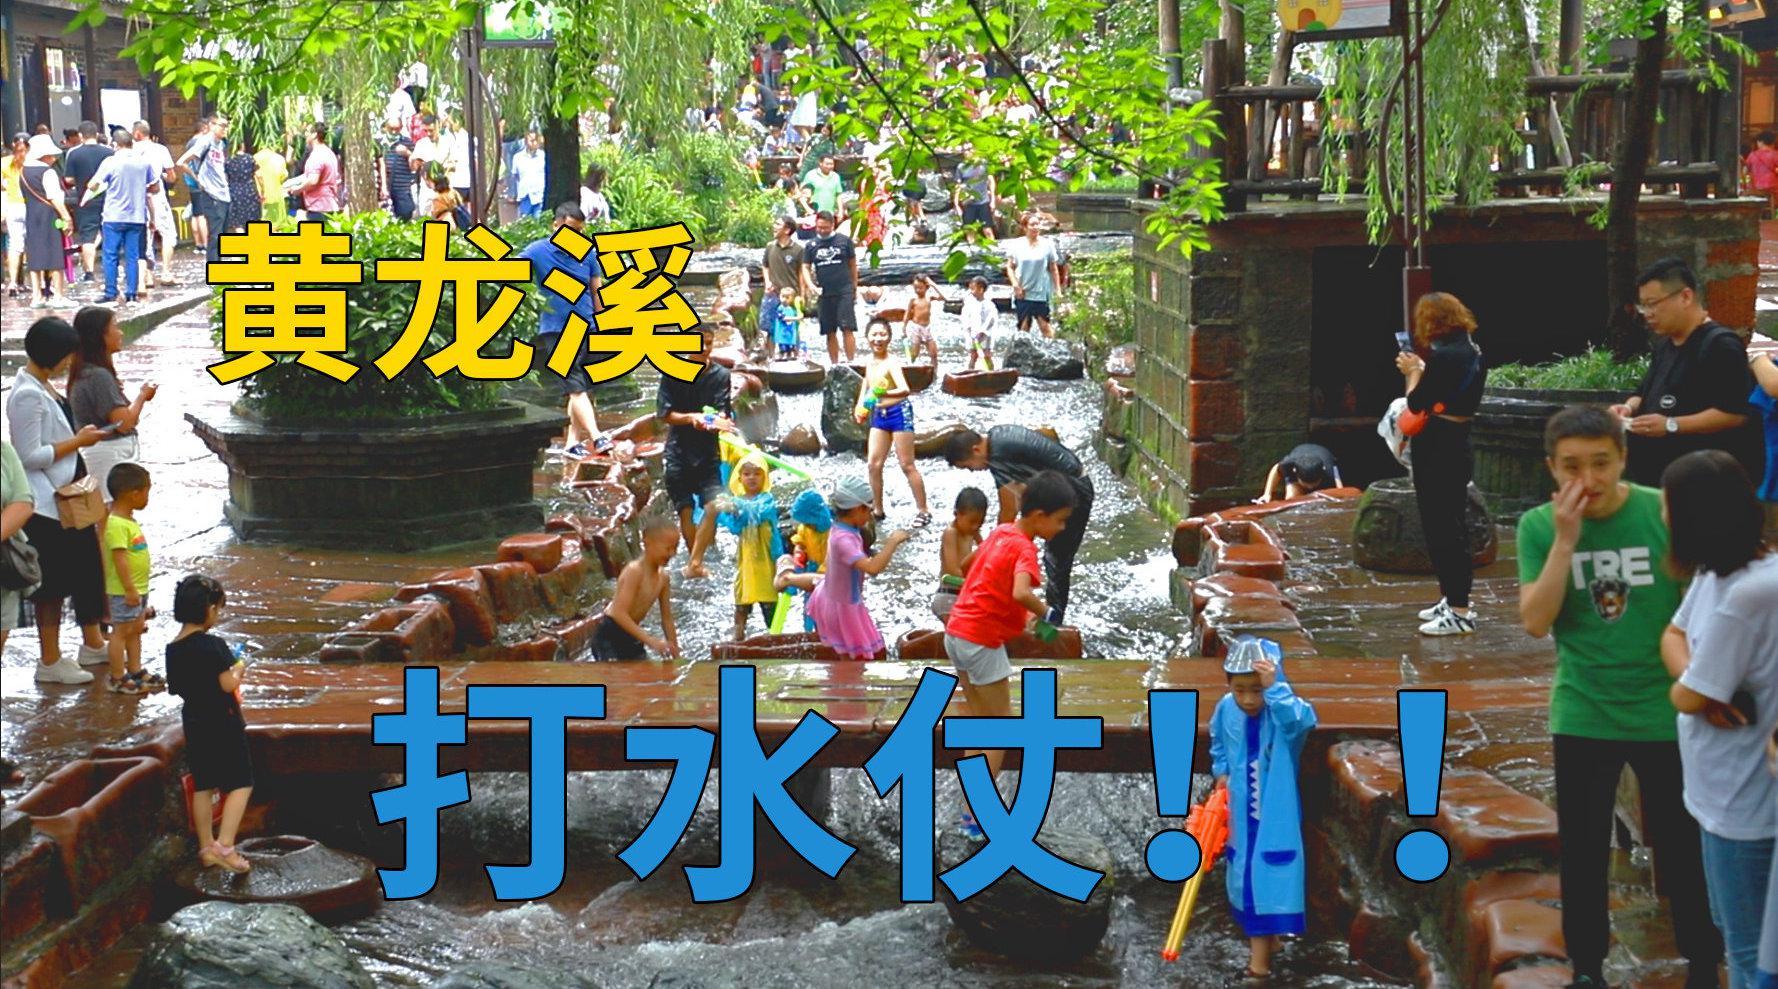 白山惠民网_玩水_玩水最新消息,新闻,图片,视频_聚合阅读_新浪网